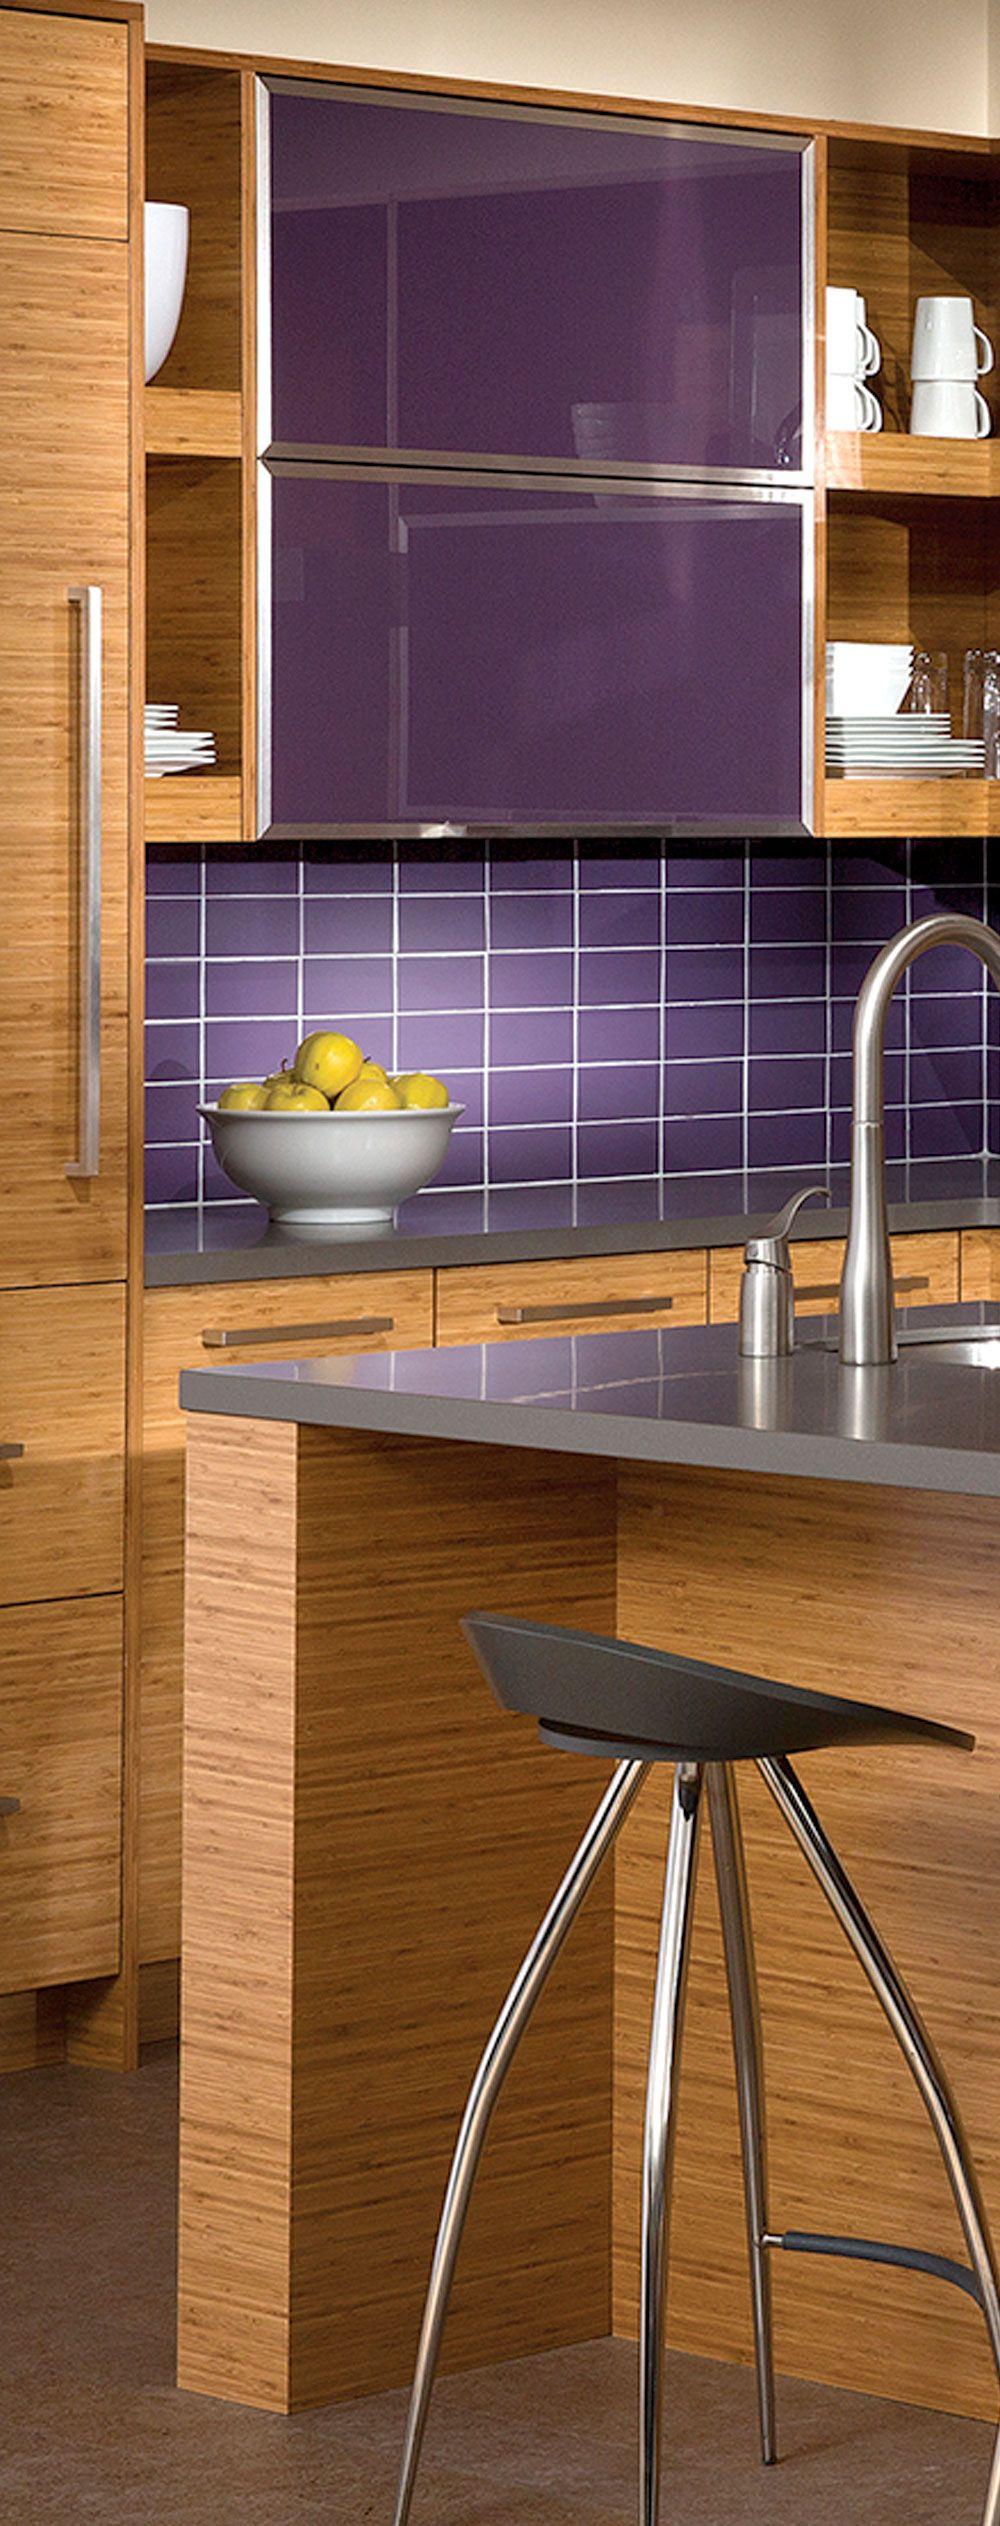 Best A Sneak Peek Contemporary Kitchen Design Kitchen 400 x 300